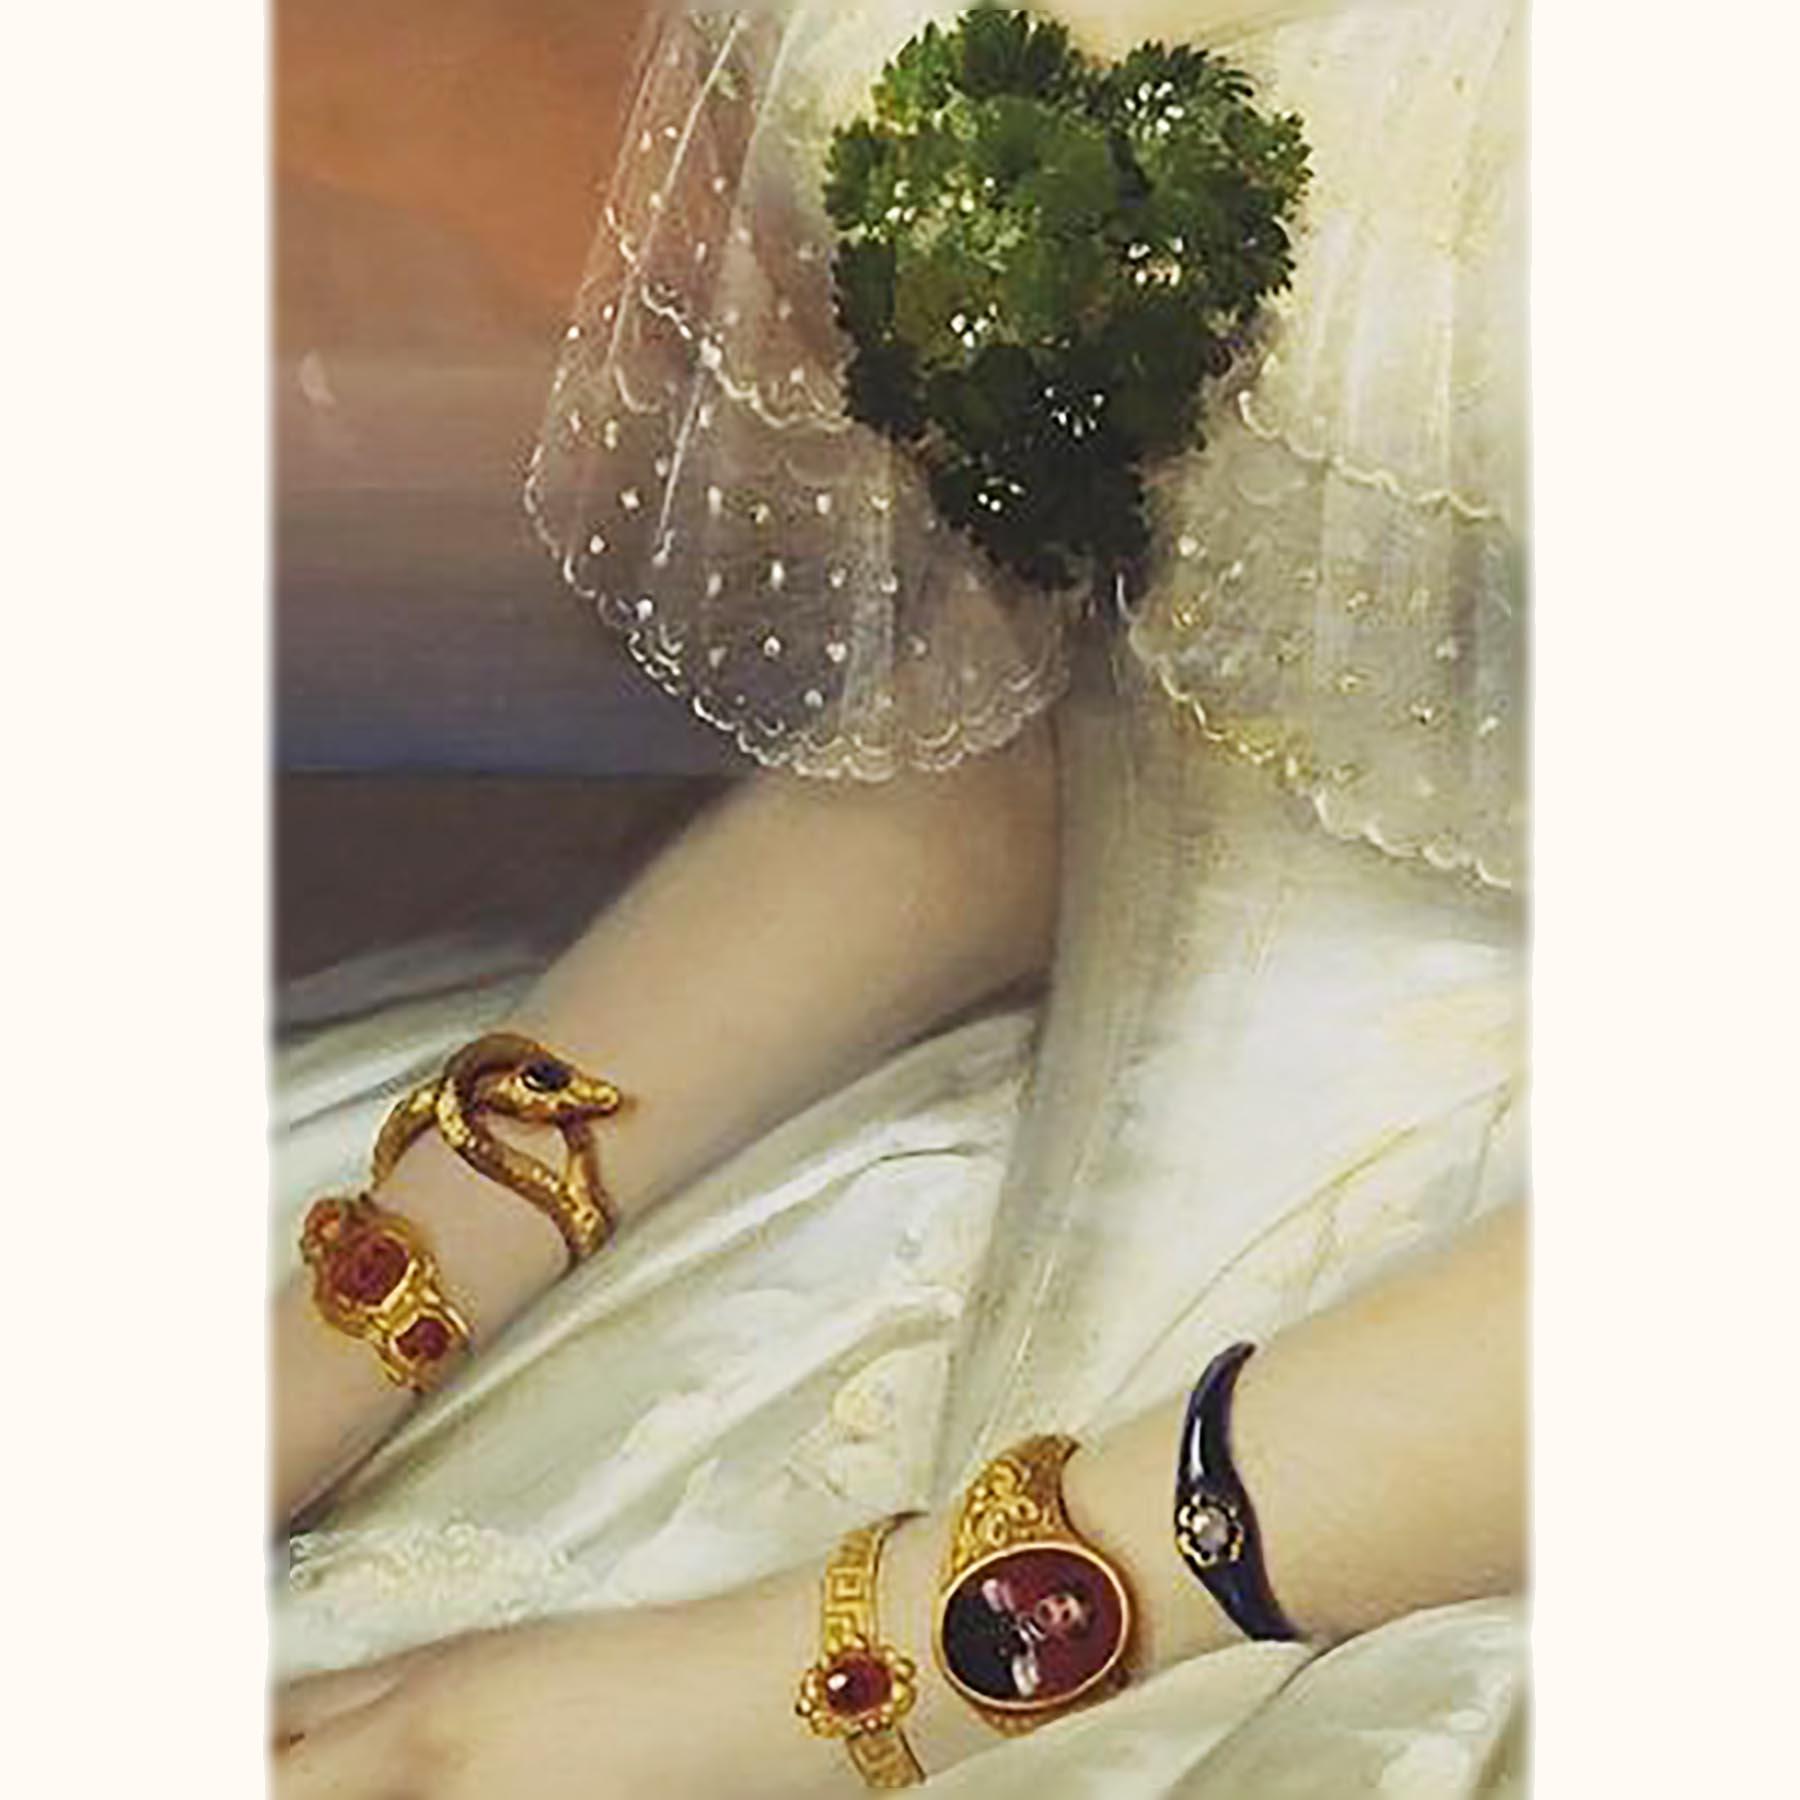 蛇のアンティークブレスレットを着けるロシアの貴婦人